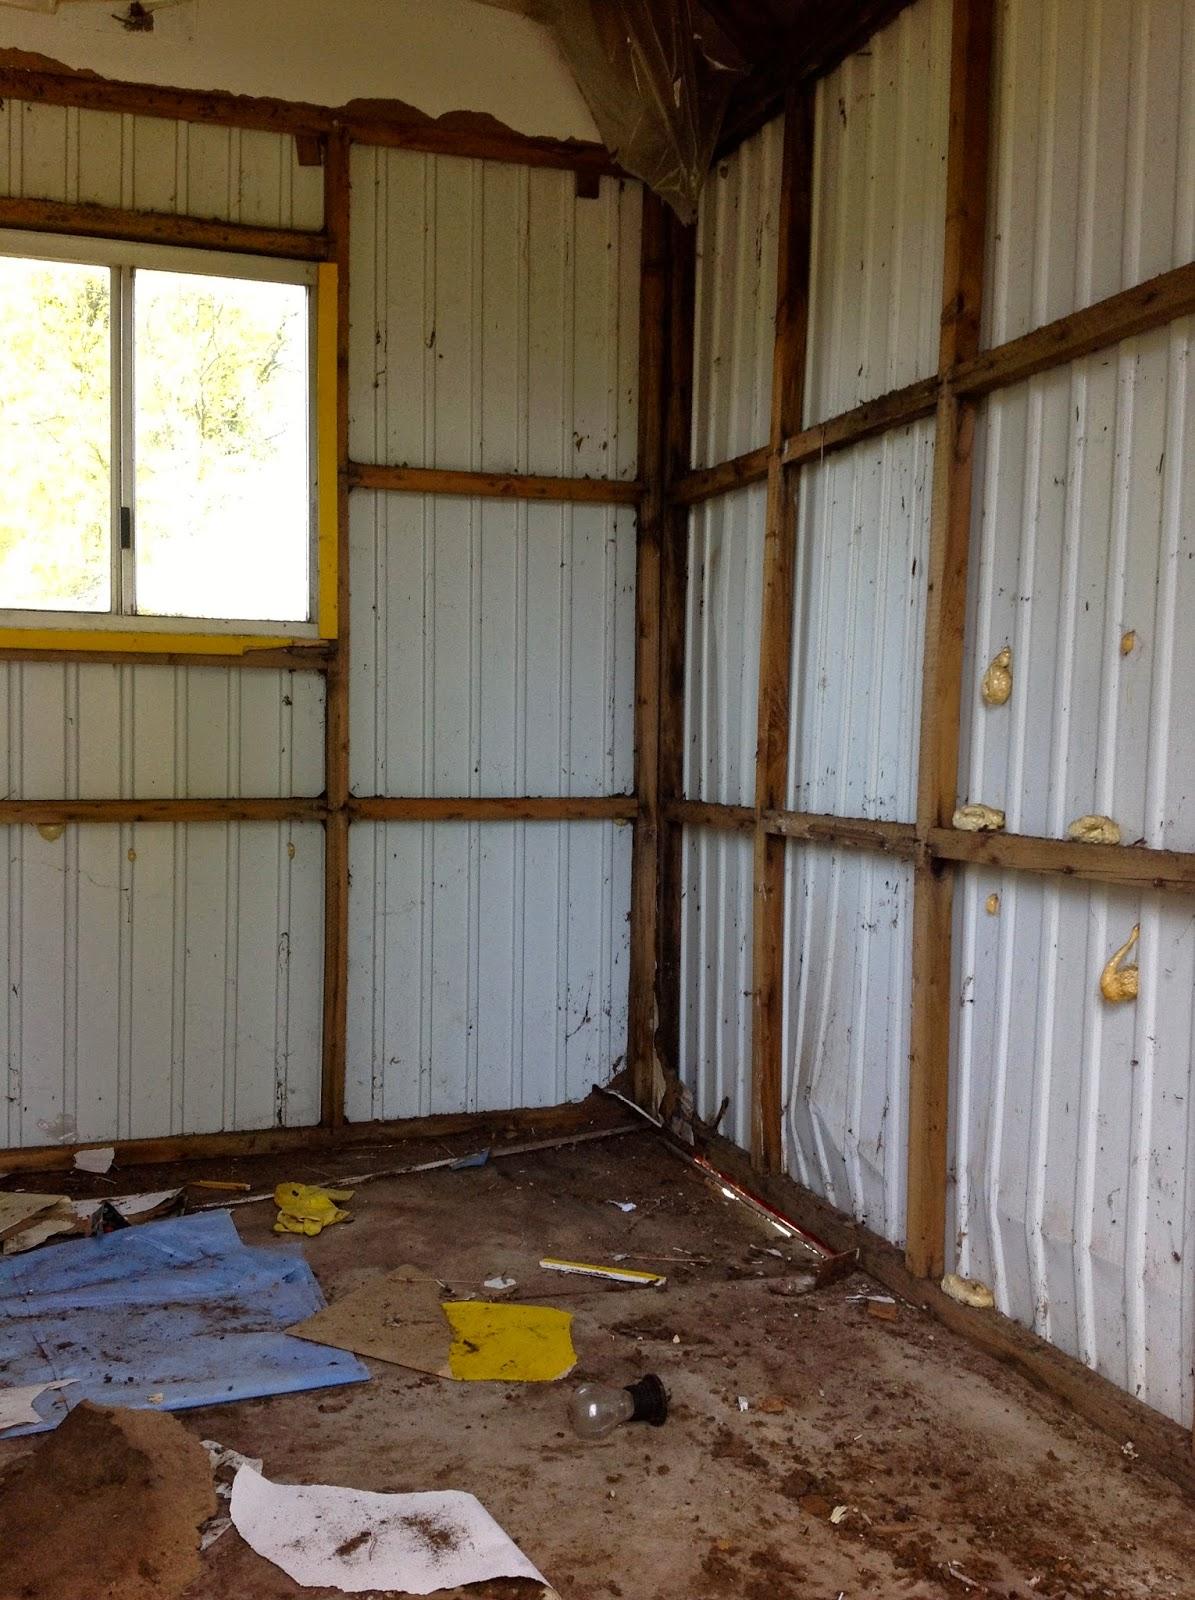 Haussanierung Vorher Nachher wohnzimmerz haussanierung vorher nachher with colling architektur